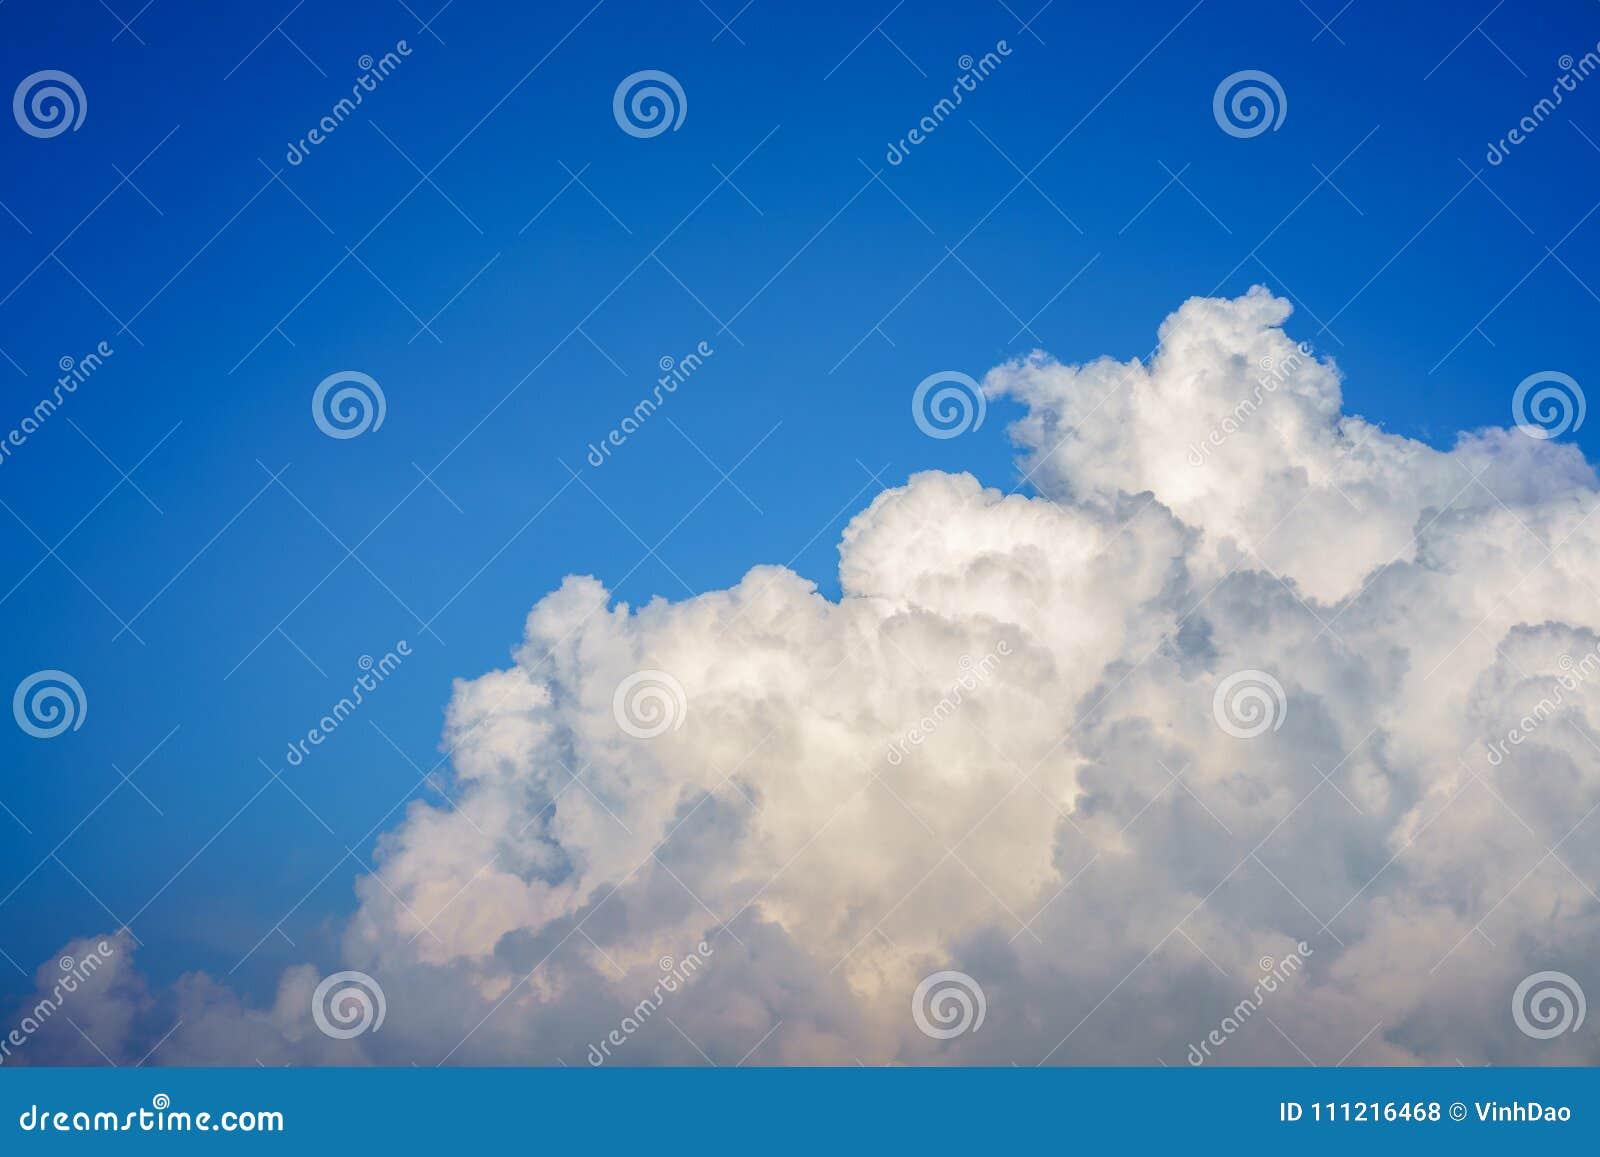 Niebieskie niebo z chmury zbliżeniem